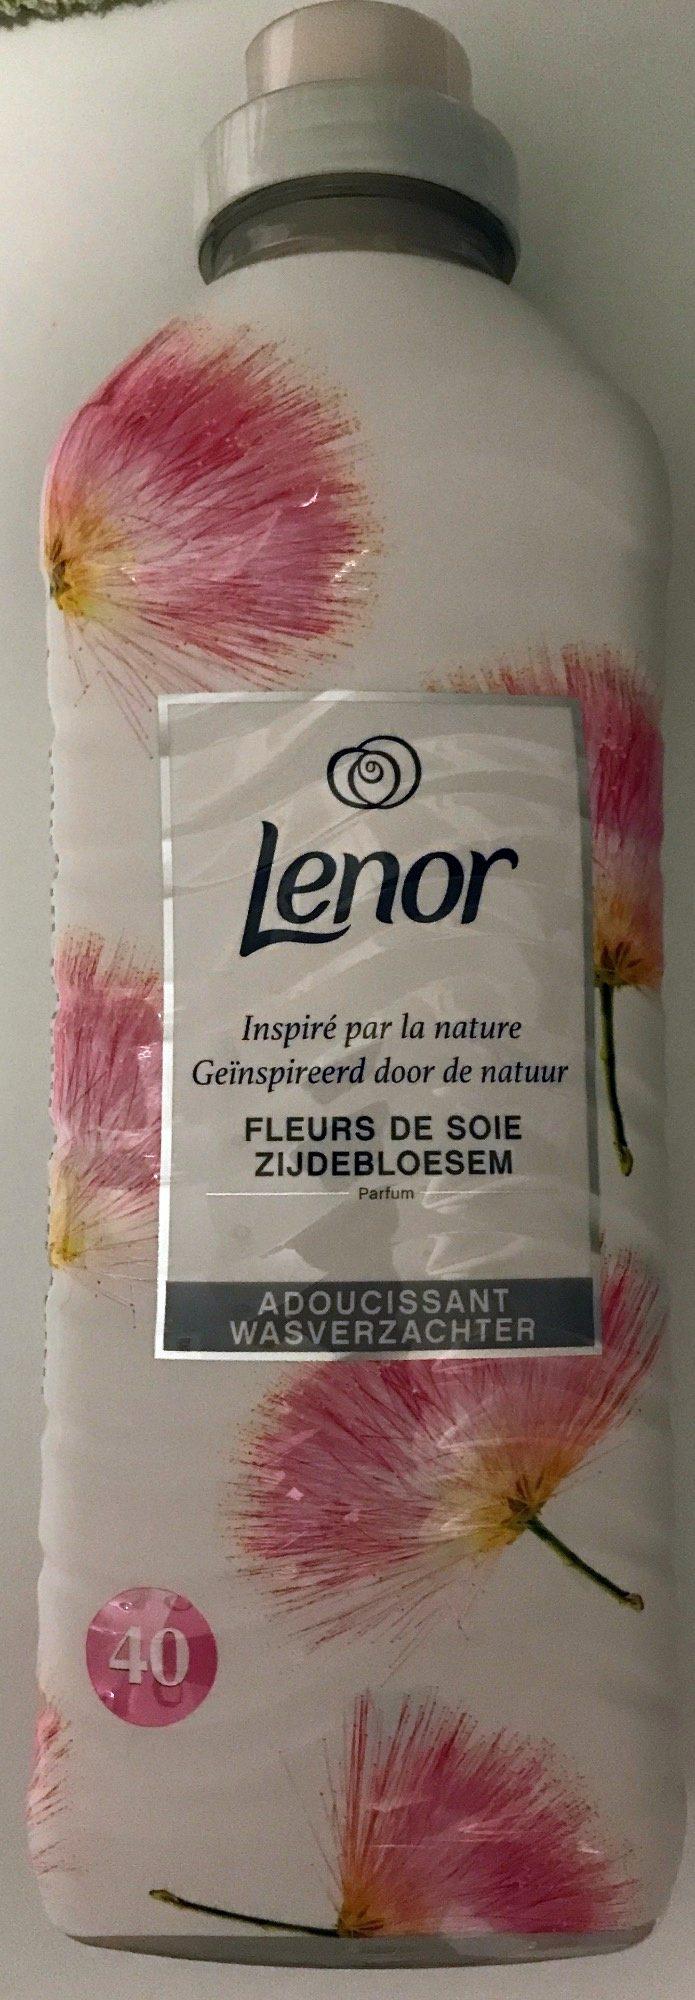 Adoucissant Fleurs de soie - Produit